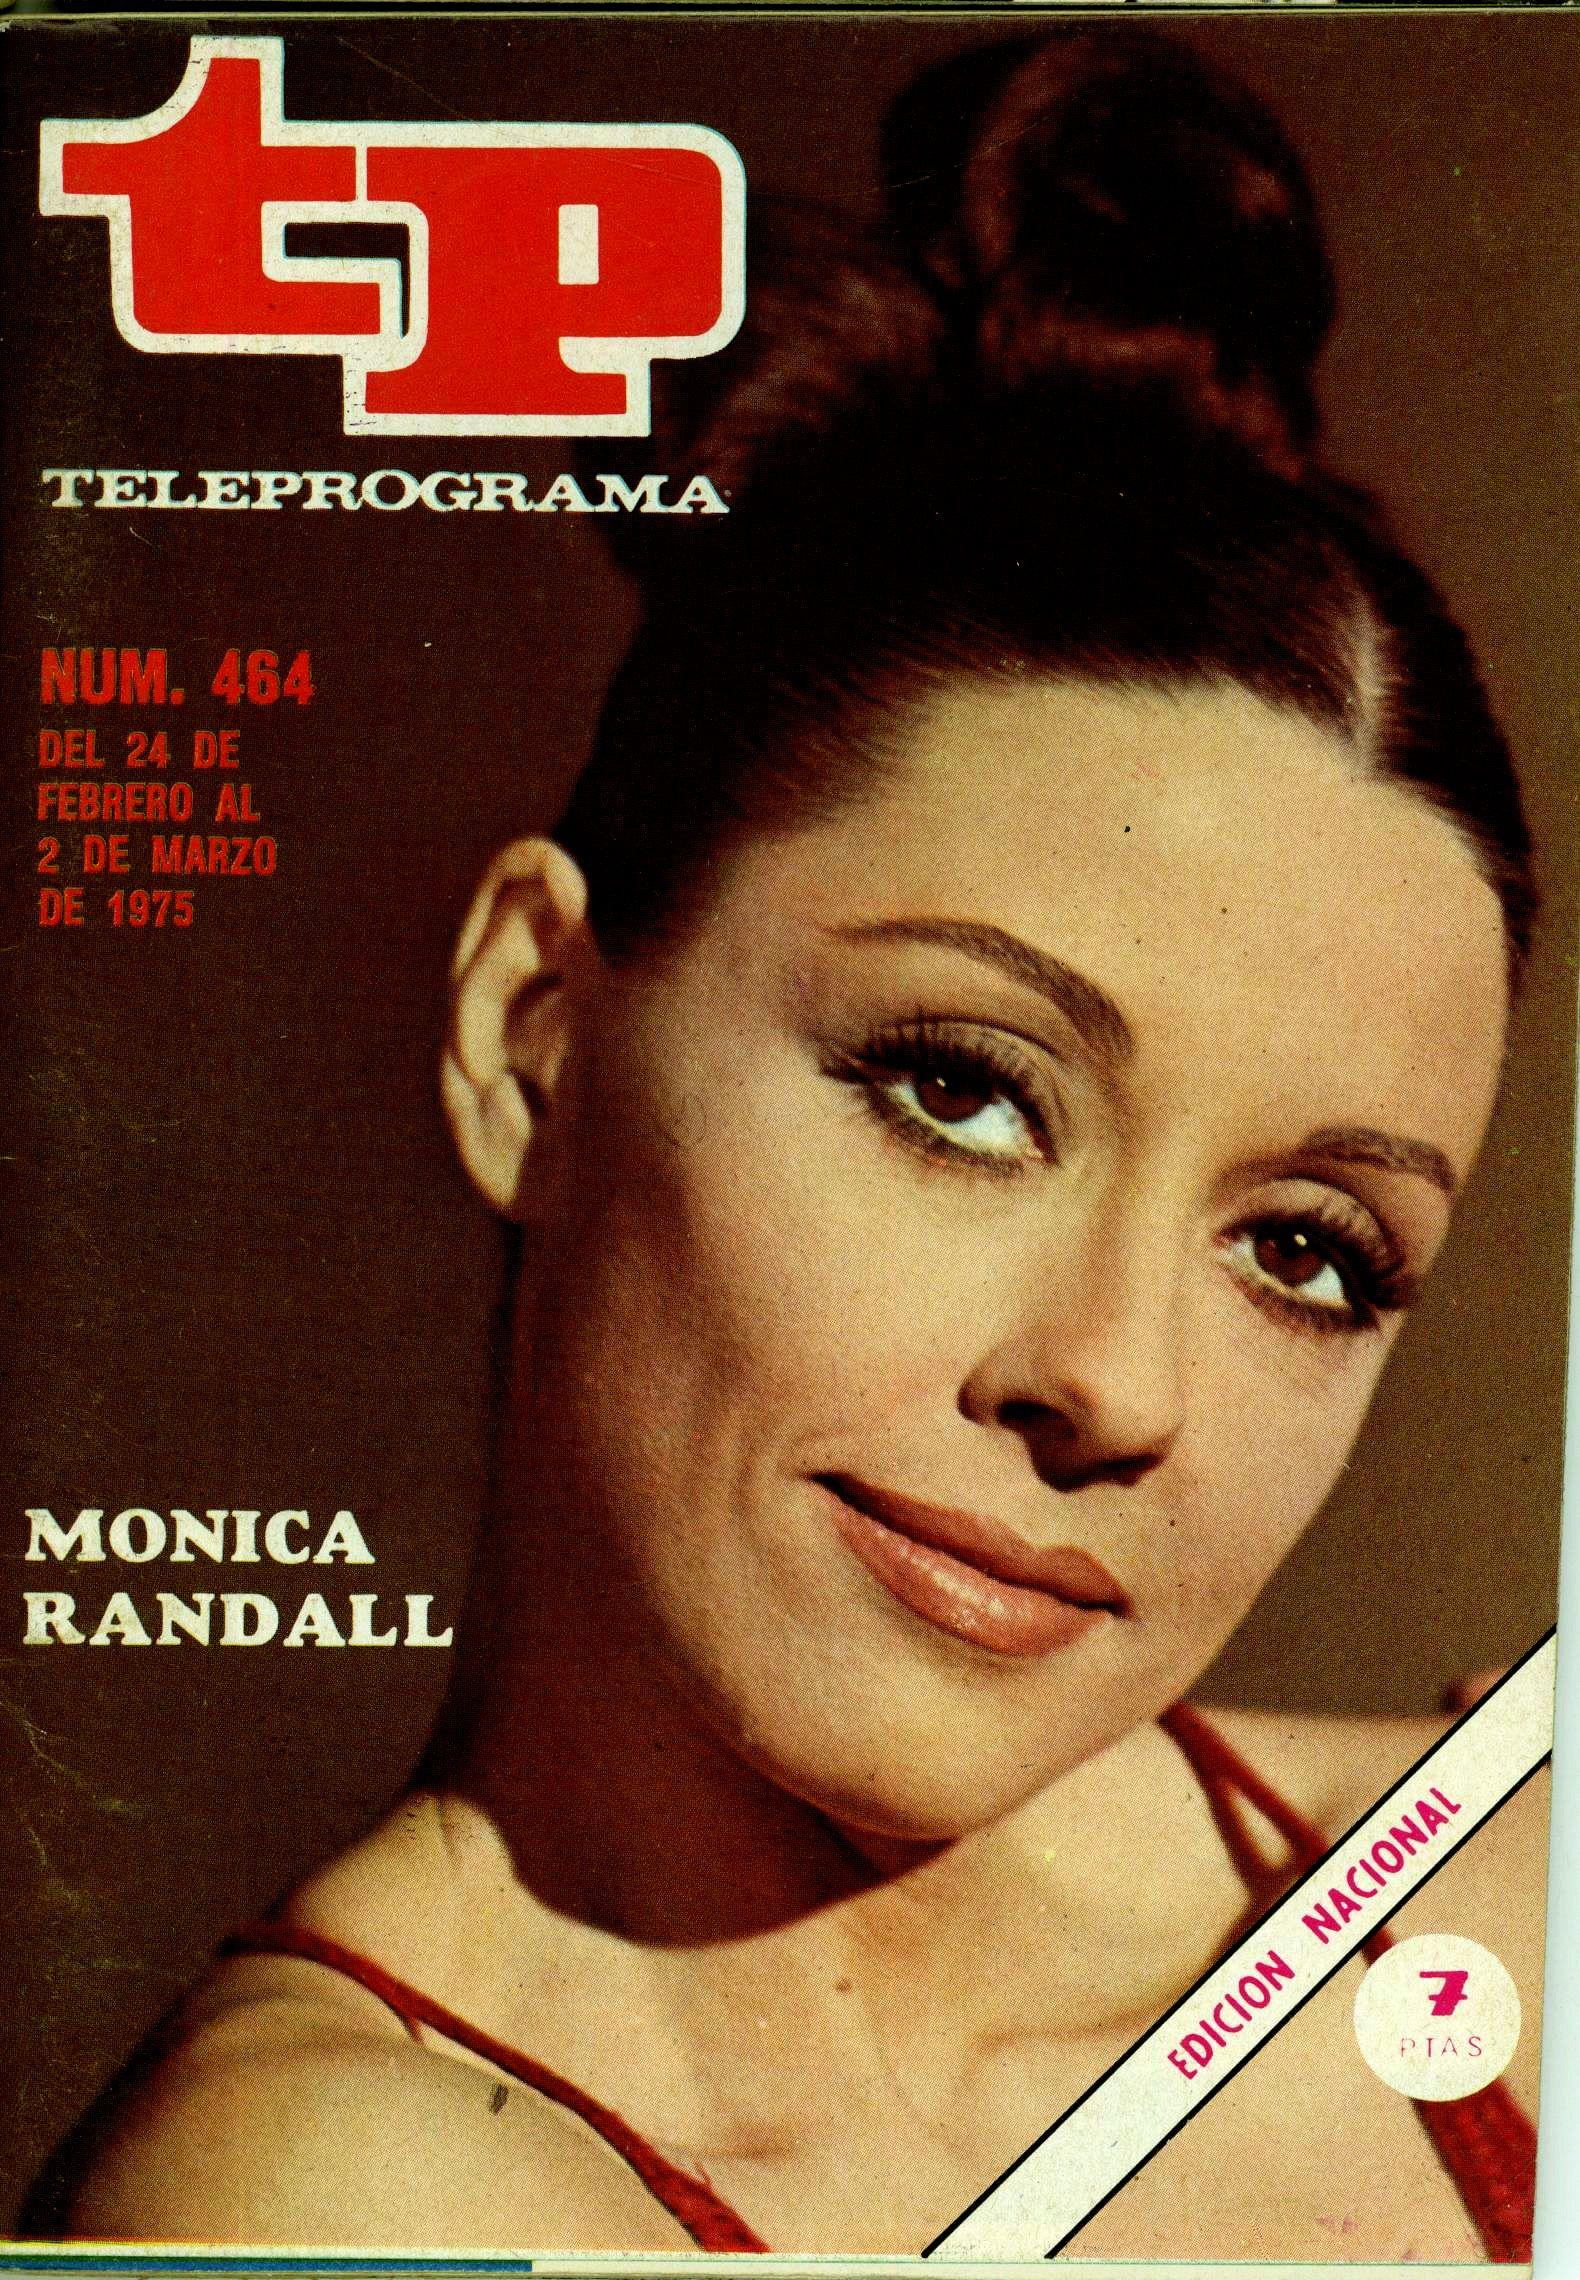 TP-Teleprograma. Portada del número 464 (del 24 de febrero al 2 de marzo de 1975). En titulares: Mónica Randall.